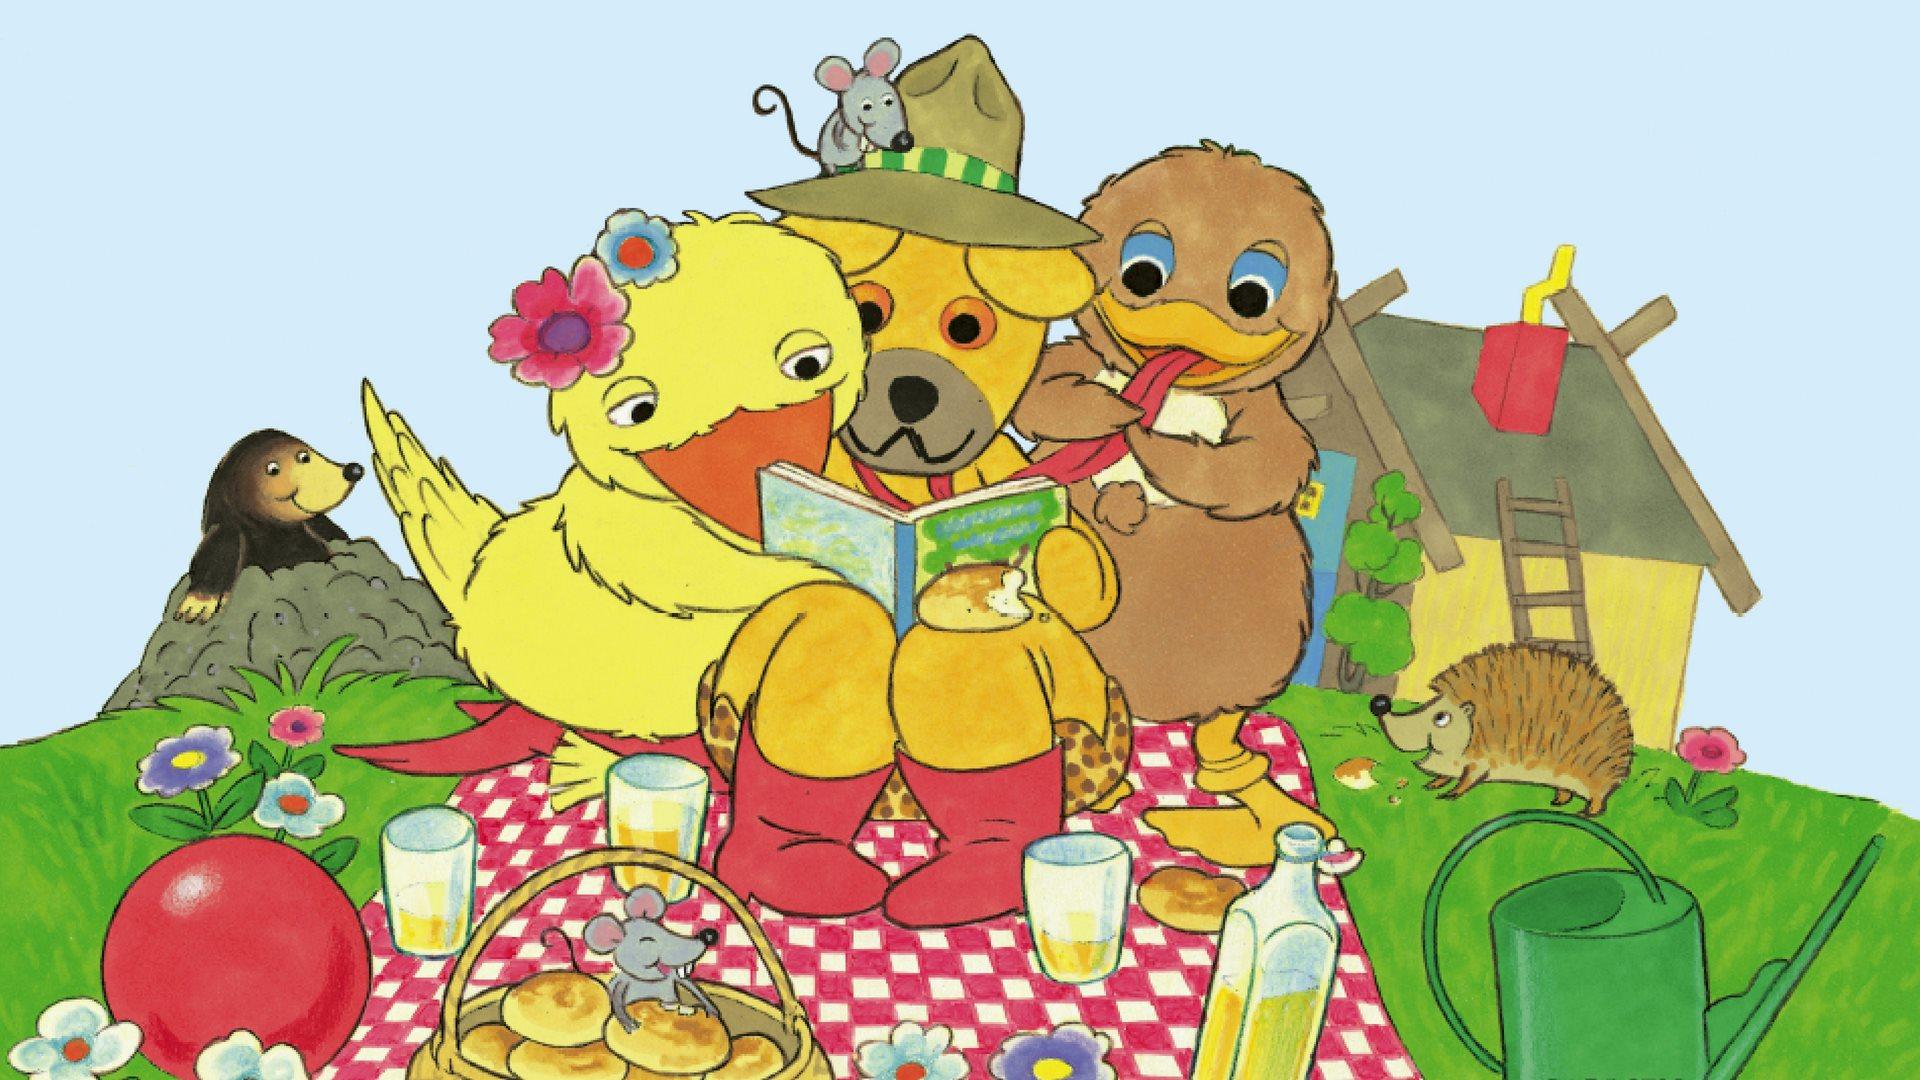 bamses billedbog, bamses allergodeste billedbog, bamse og kylling, højtlæsning, elin bing, ælling, bamse, kylling,